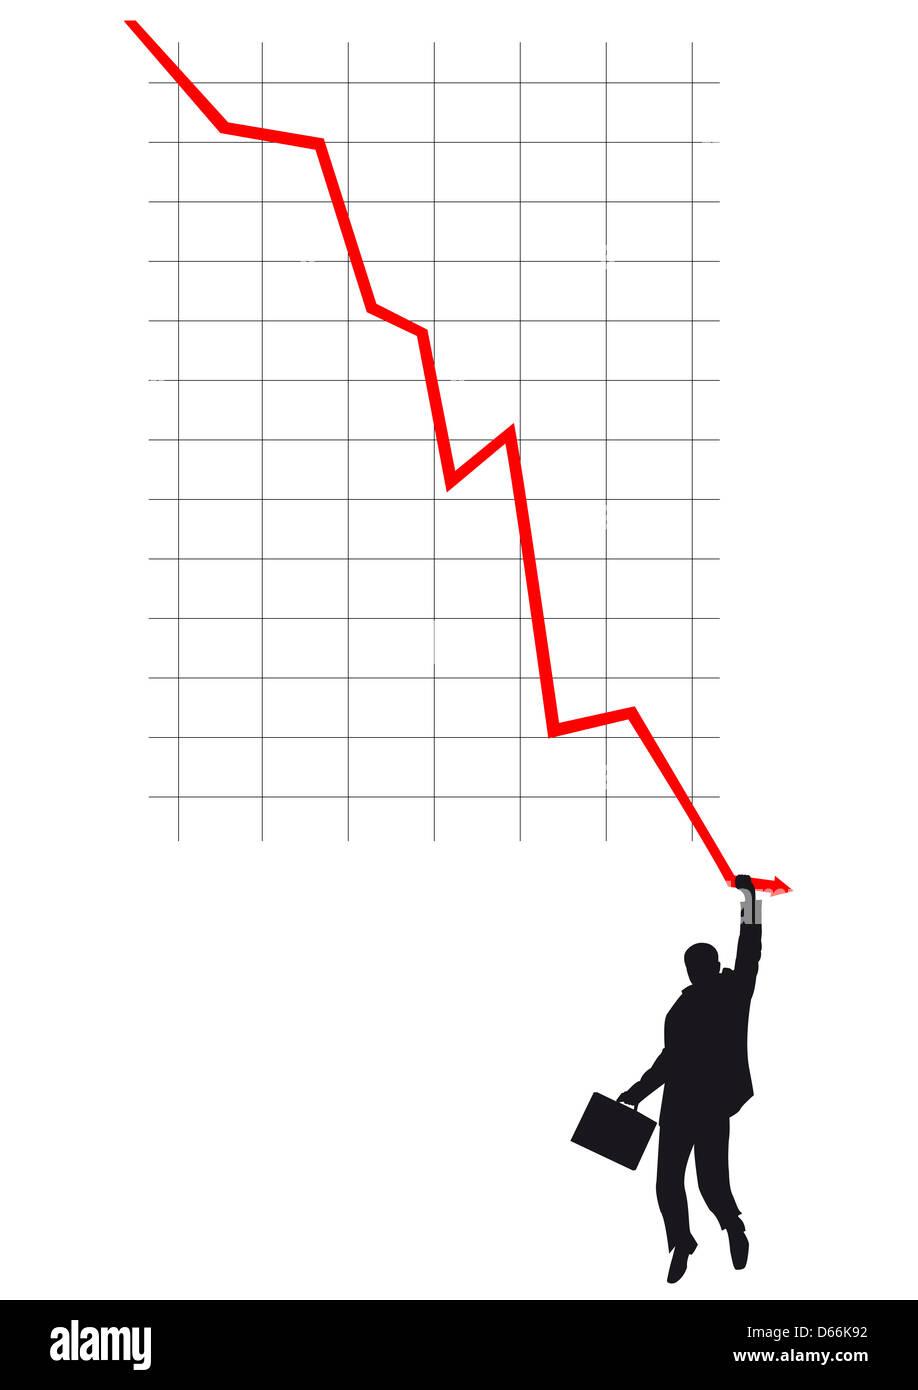 Silhouette von Geschäftsleuten klammerte sich an fallende rote Linie im Diagramm Stockbild